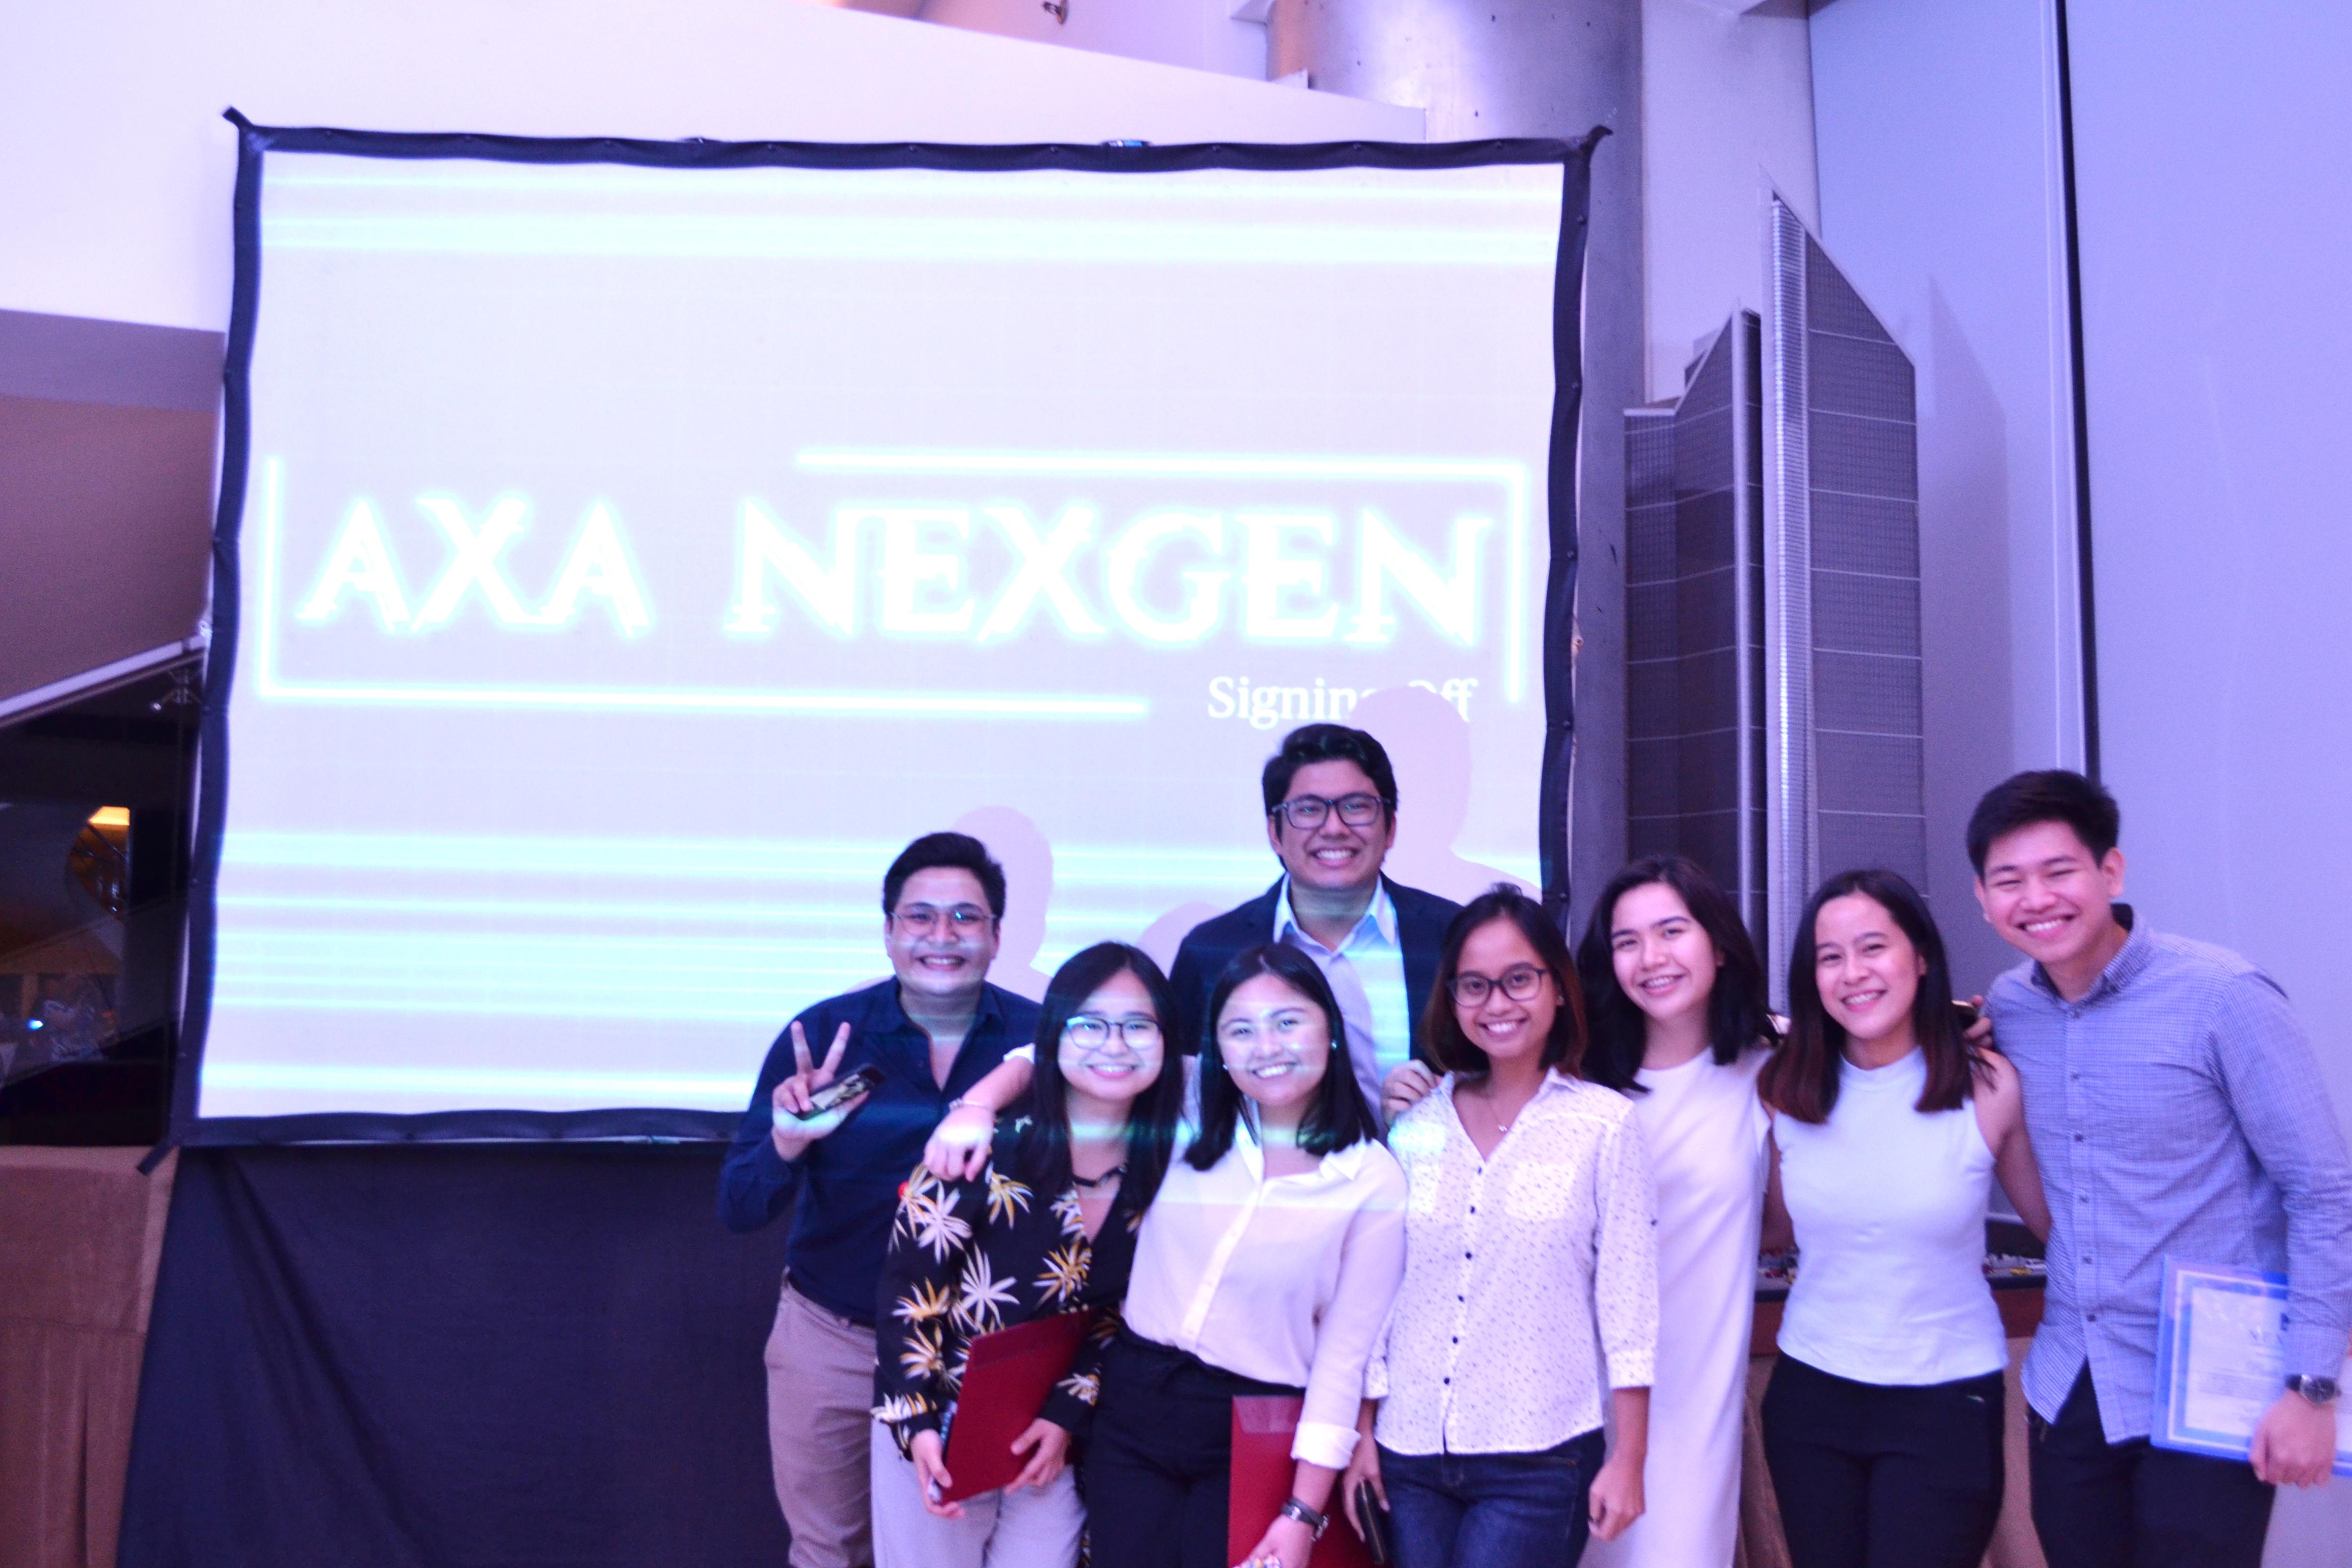 AXA NextGen